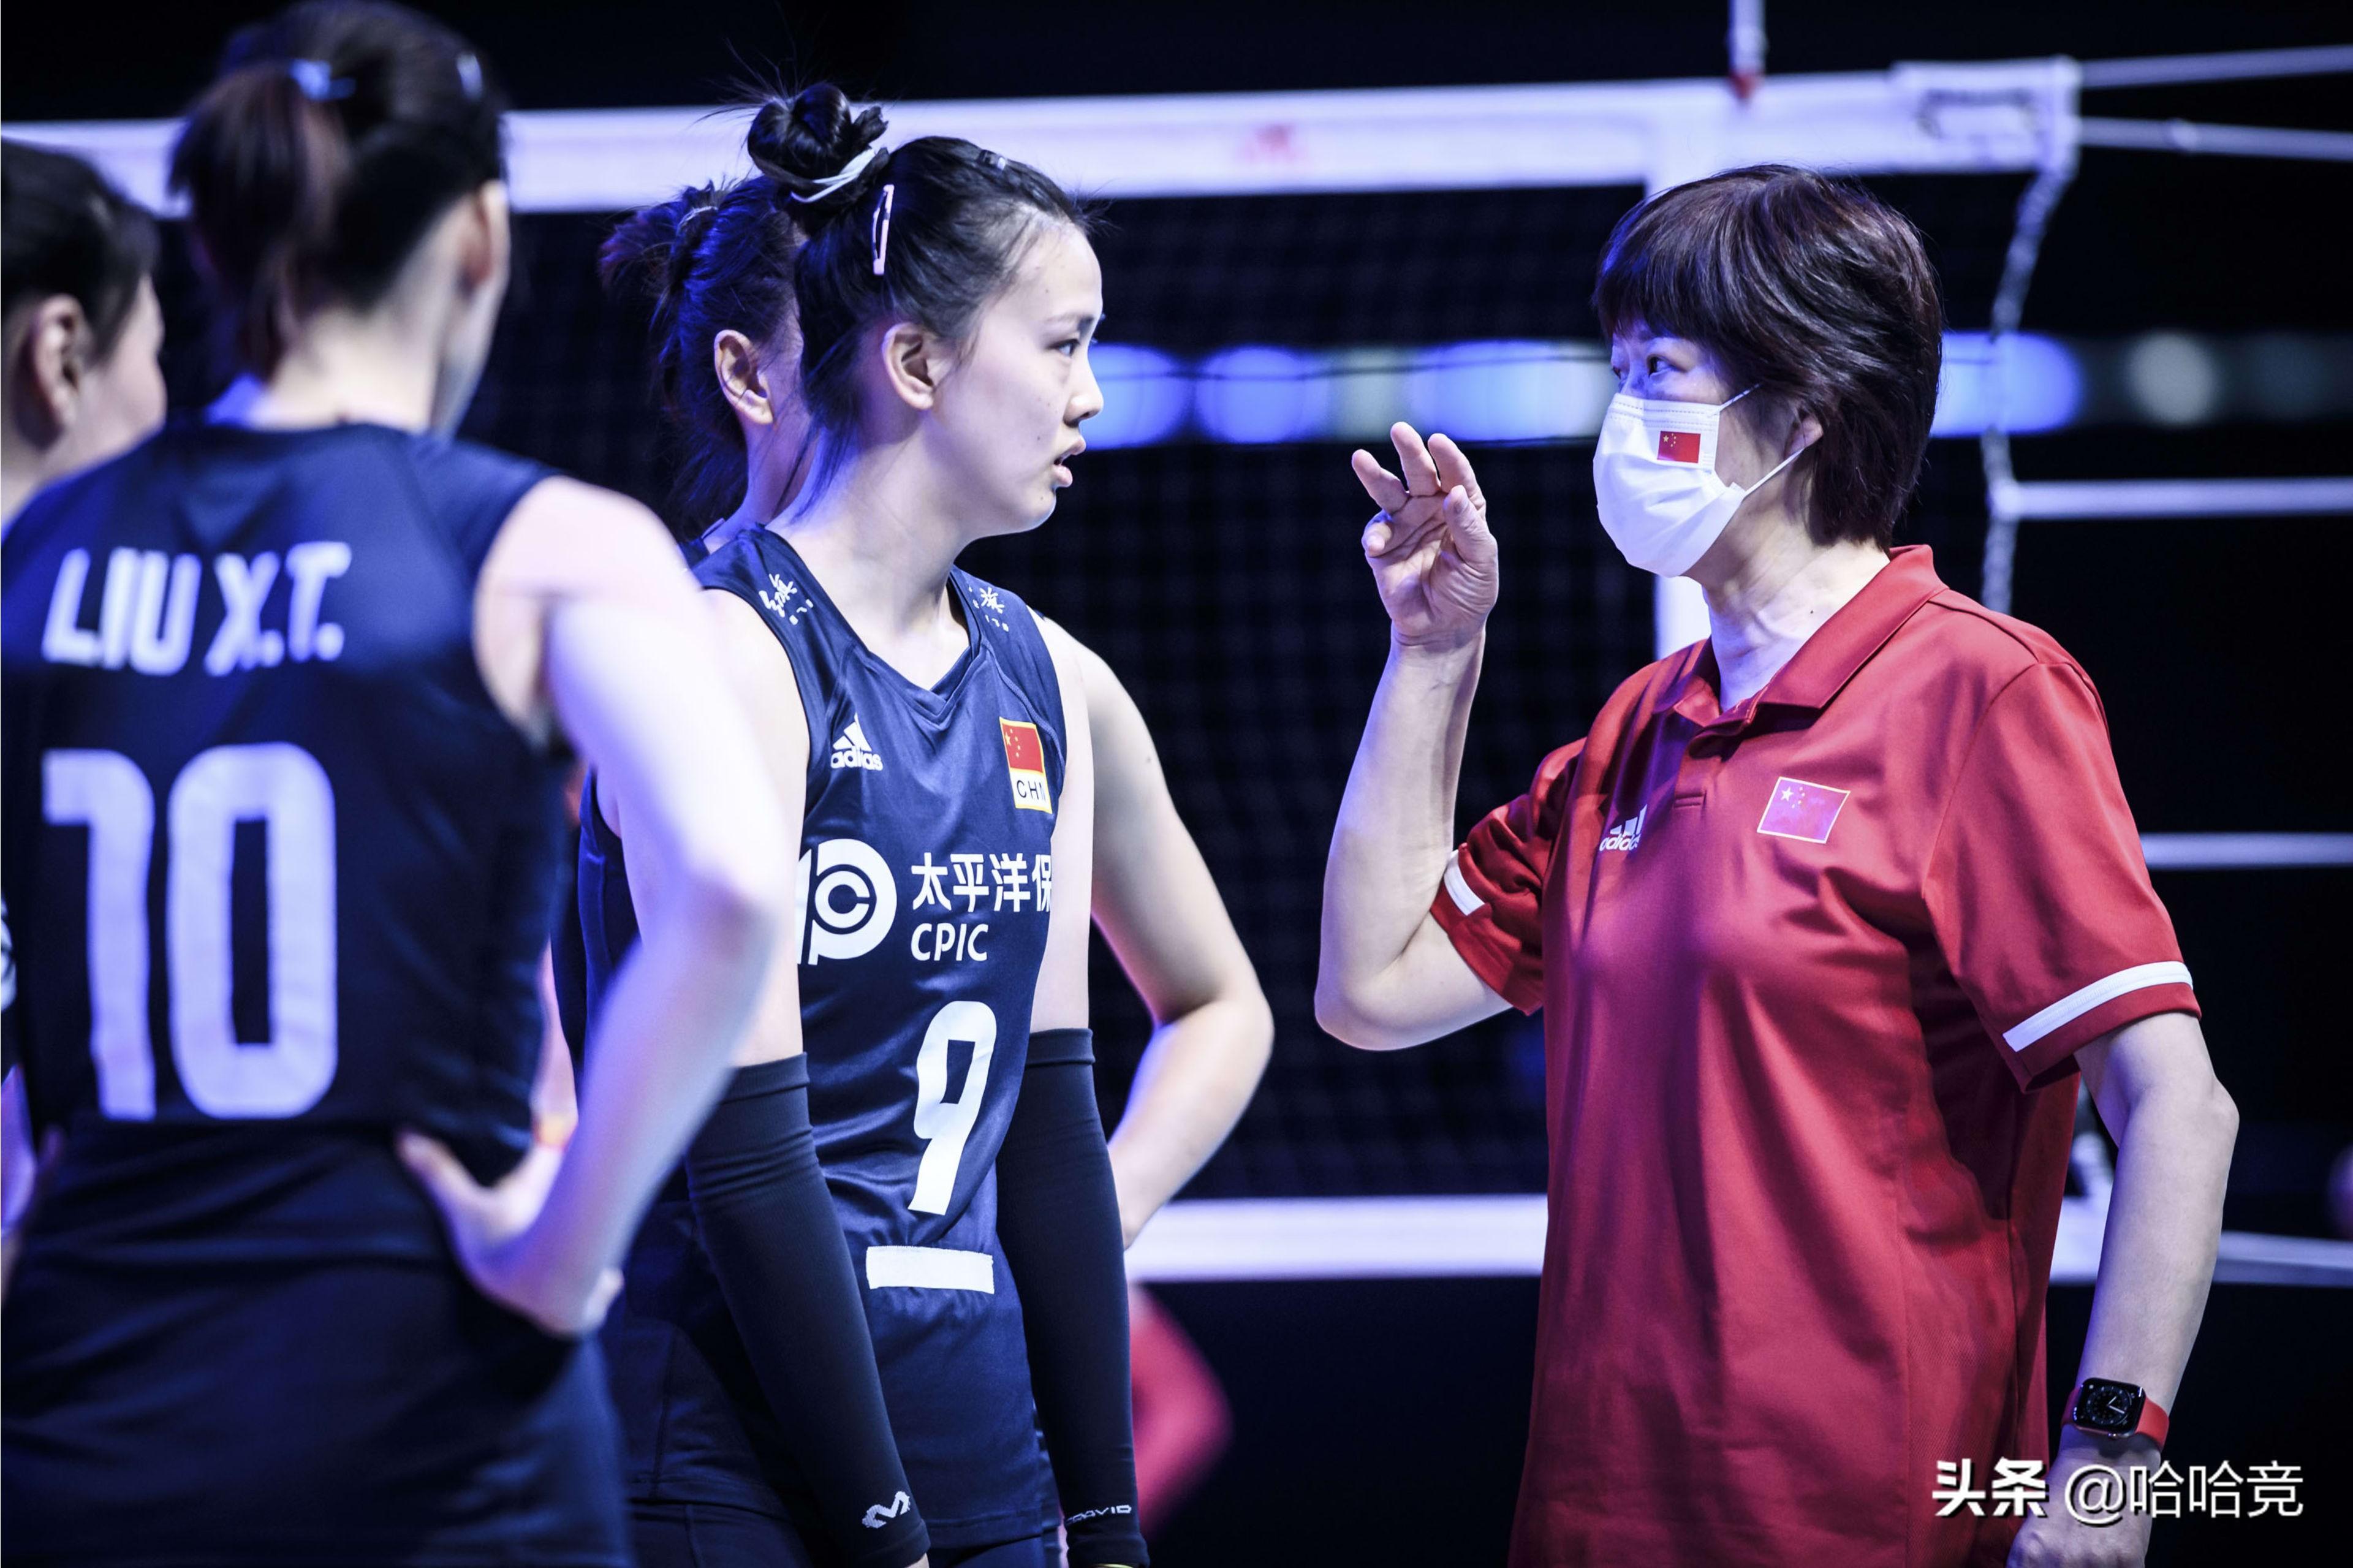 张常宁37分难救主,中国女排2比3爆冷不敌比利时,世联赛遭三连败